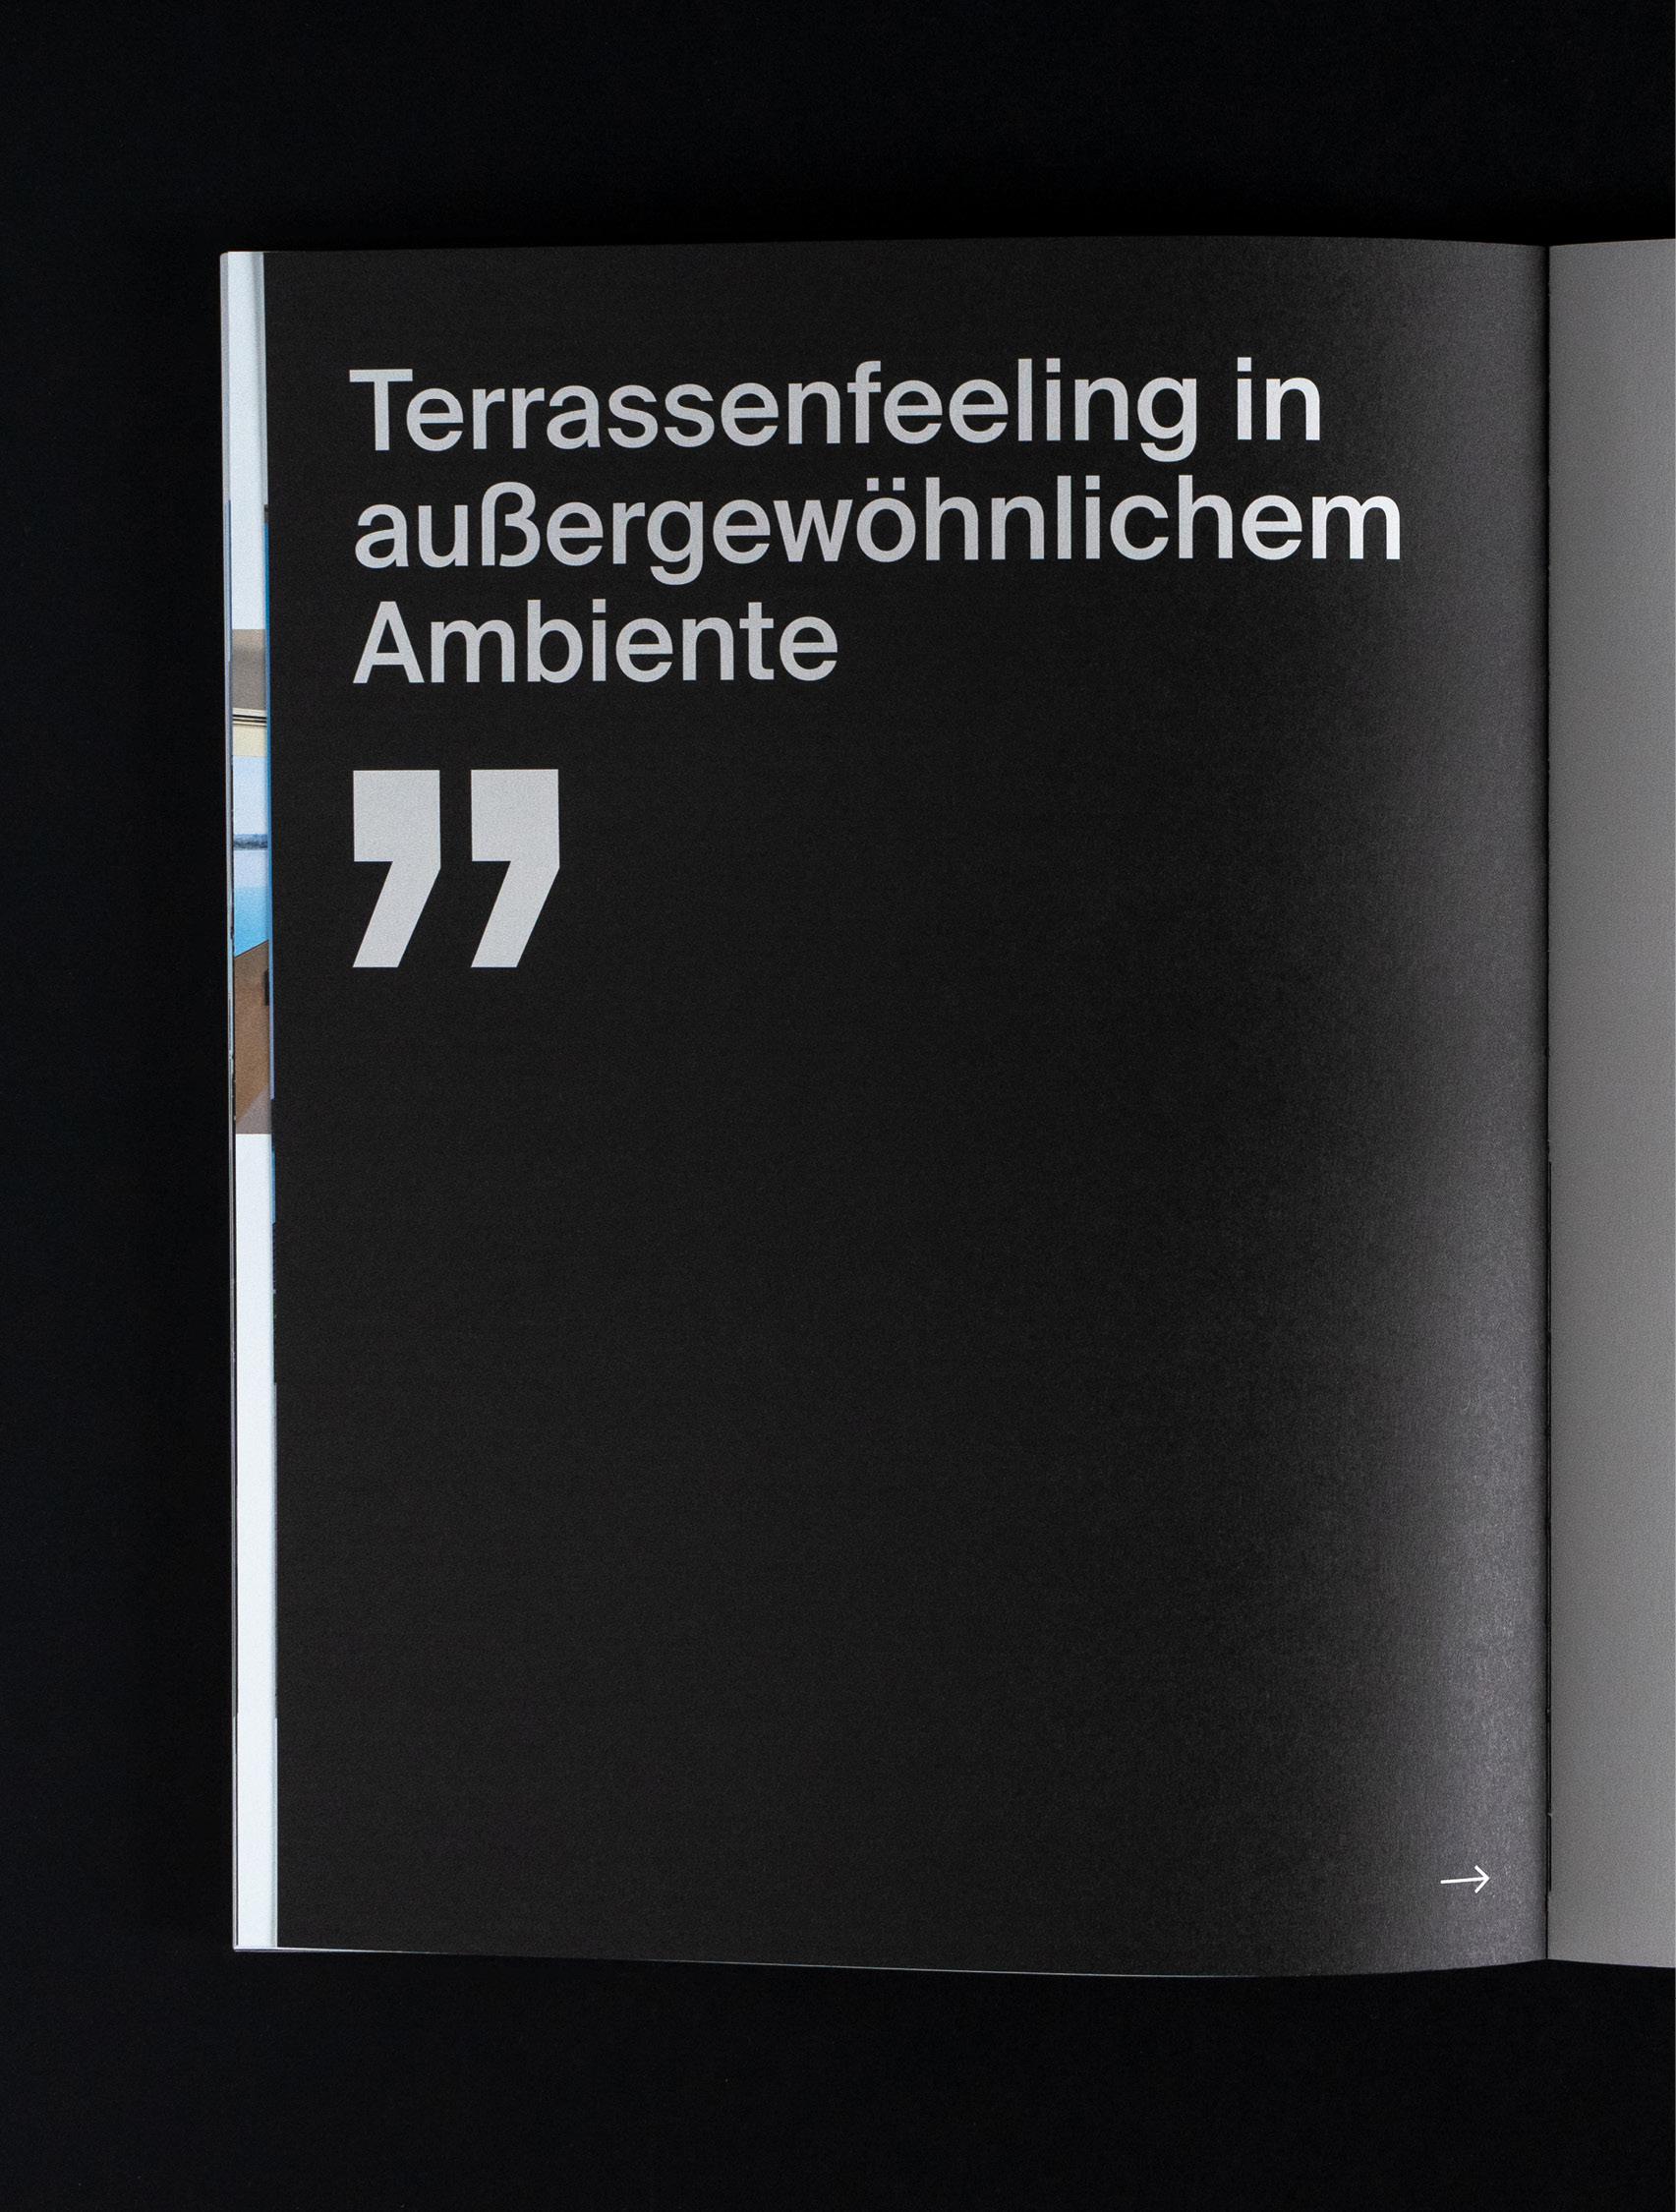 Fuchs_818,181x1080_4